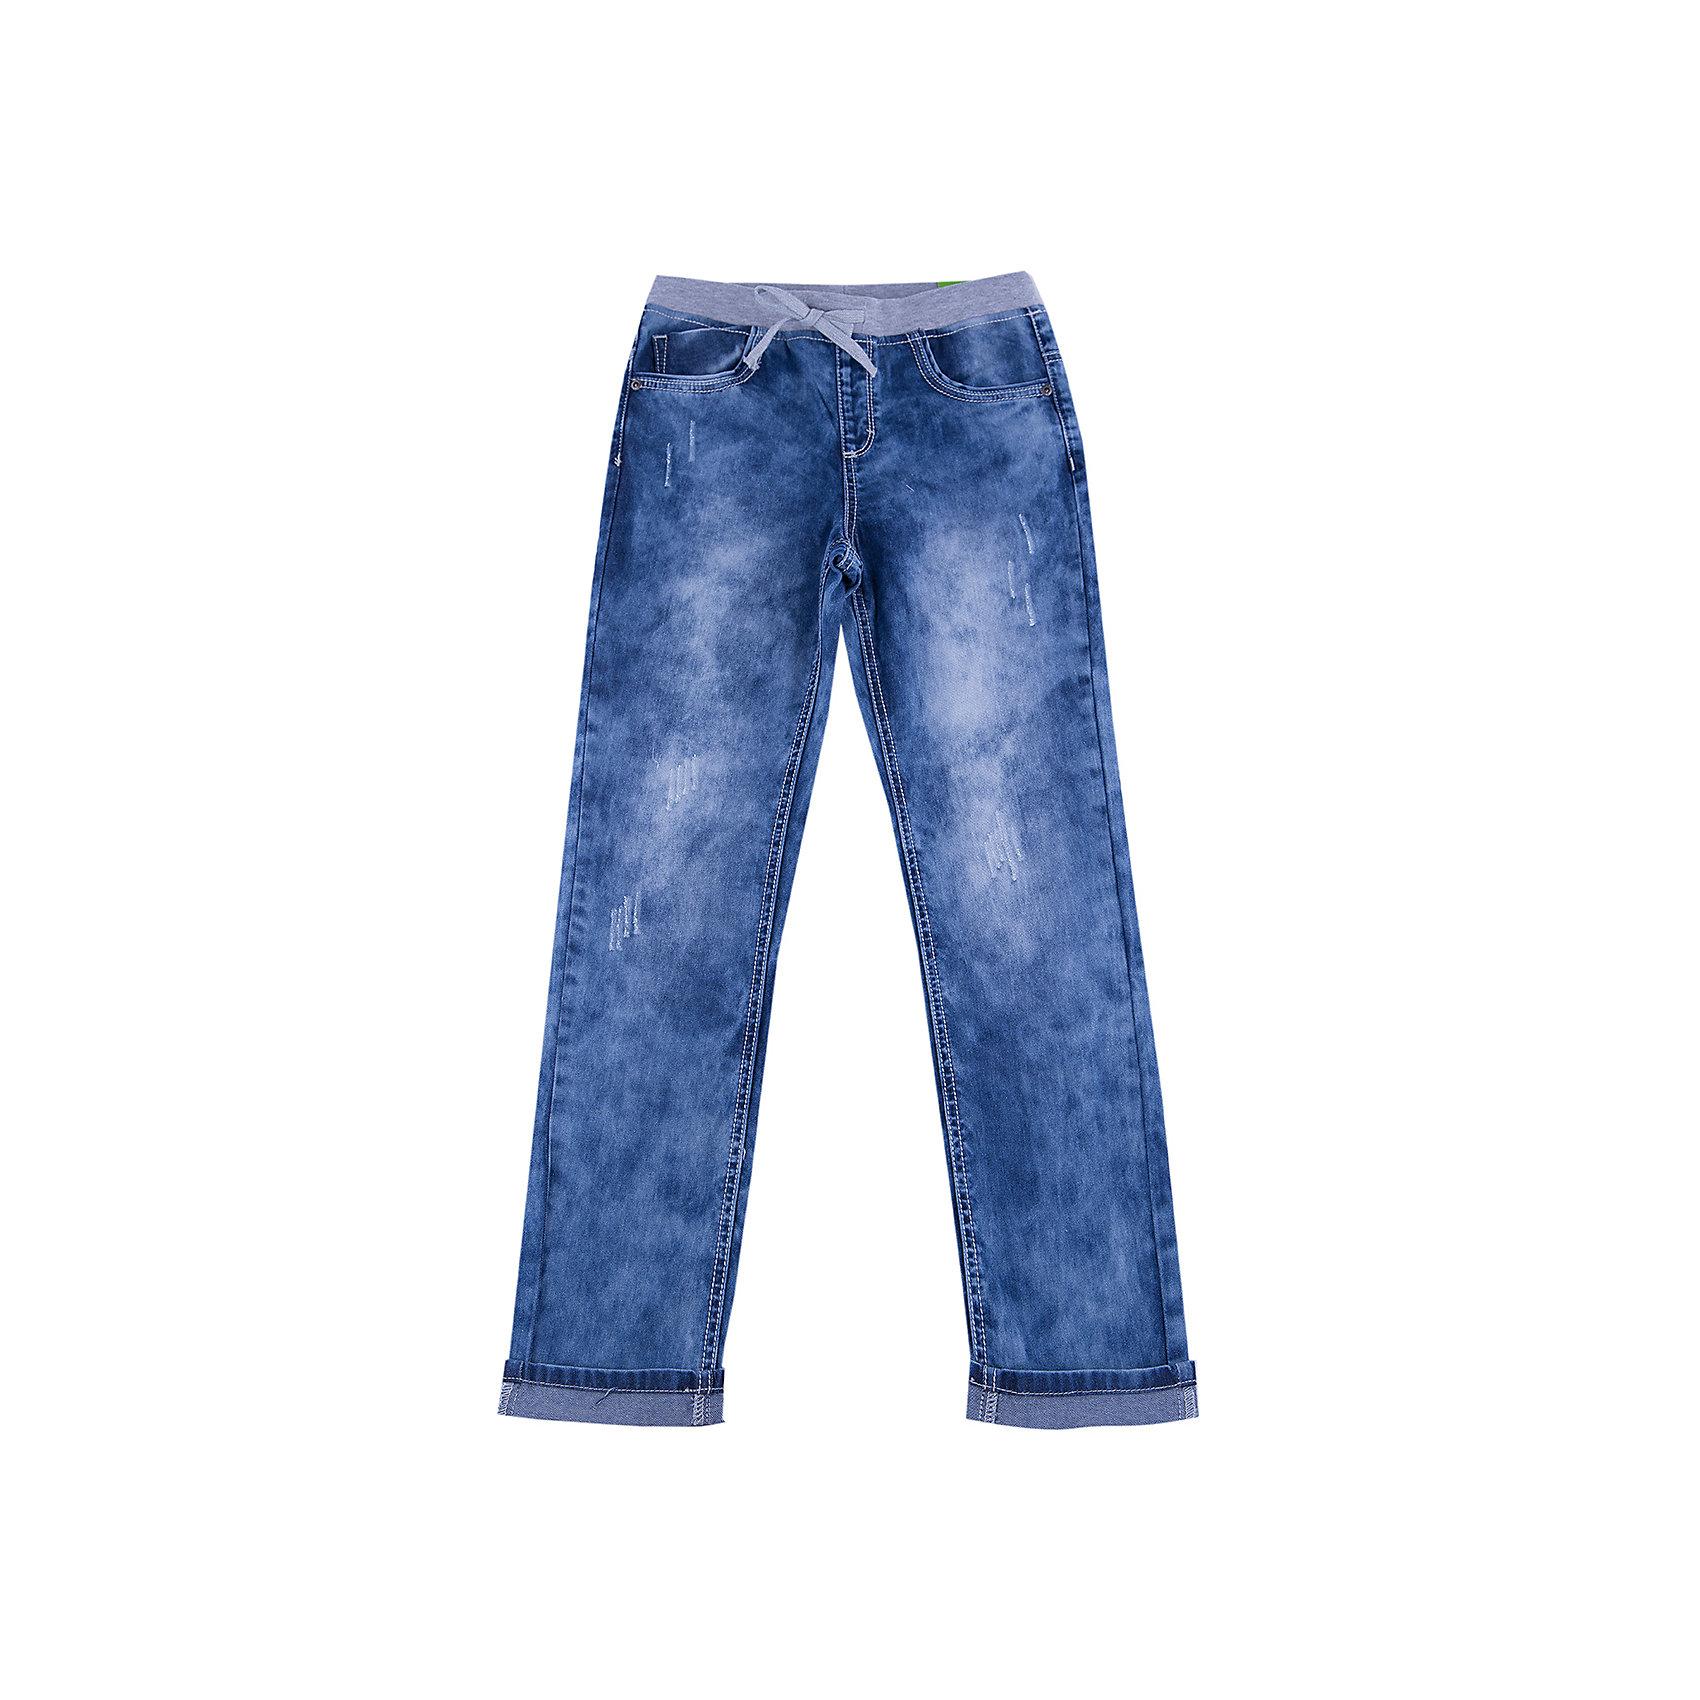 Джинсы для мальчика ScoolДжинсовая одежда<br>Джинсы для мальчика из коллекции «Скорость» от известного бренда Scool. Стильные джинсы на каждый день синего «вареного» цвета сделаны из хлопка. Джинсы на серой резинке со шнурком, имеют классические 5 карманов, прекрасно подойдут как к рубашкам, так и к футболкам. Штанины рассчитаны на подворот. Эти джинсыпридут по вкусу вашему чемпиону.<br><br>Дополнительная информация:<br>- Силуэт: зауженный <br><br>Состав: 100% хлопок <br><br>Джинсы для мальчиков Scool можно купить в нашем интернет-магазине.<br><br>Подробнее:<br>• Для детей в возрасте: от 9 до 13 лет<br>• Номер товара: 4911444<br>Страна производитель: Китай<br><br>Ширина мм: 215<br>Глубина мм: 88<br>Высота мм: 191<br>Вес г: 336<br>Цвет: синий<br>Возраст от месяцев: 120<br>Возраст до месяцев: 132<br>Пол: Мужской<br>Возраст: Детский<br>Размер: 146,158,152,164,140,134<br>SKU: 4911450